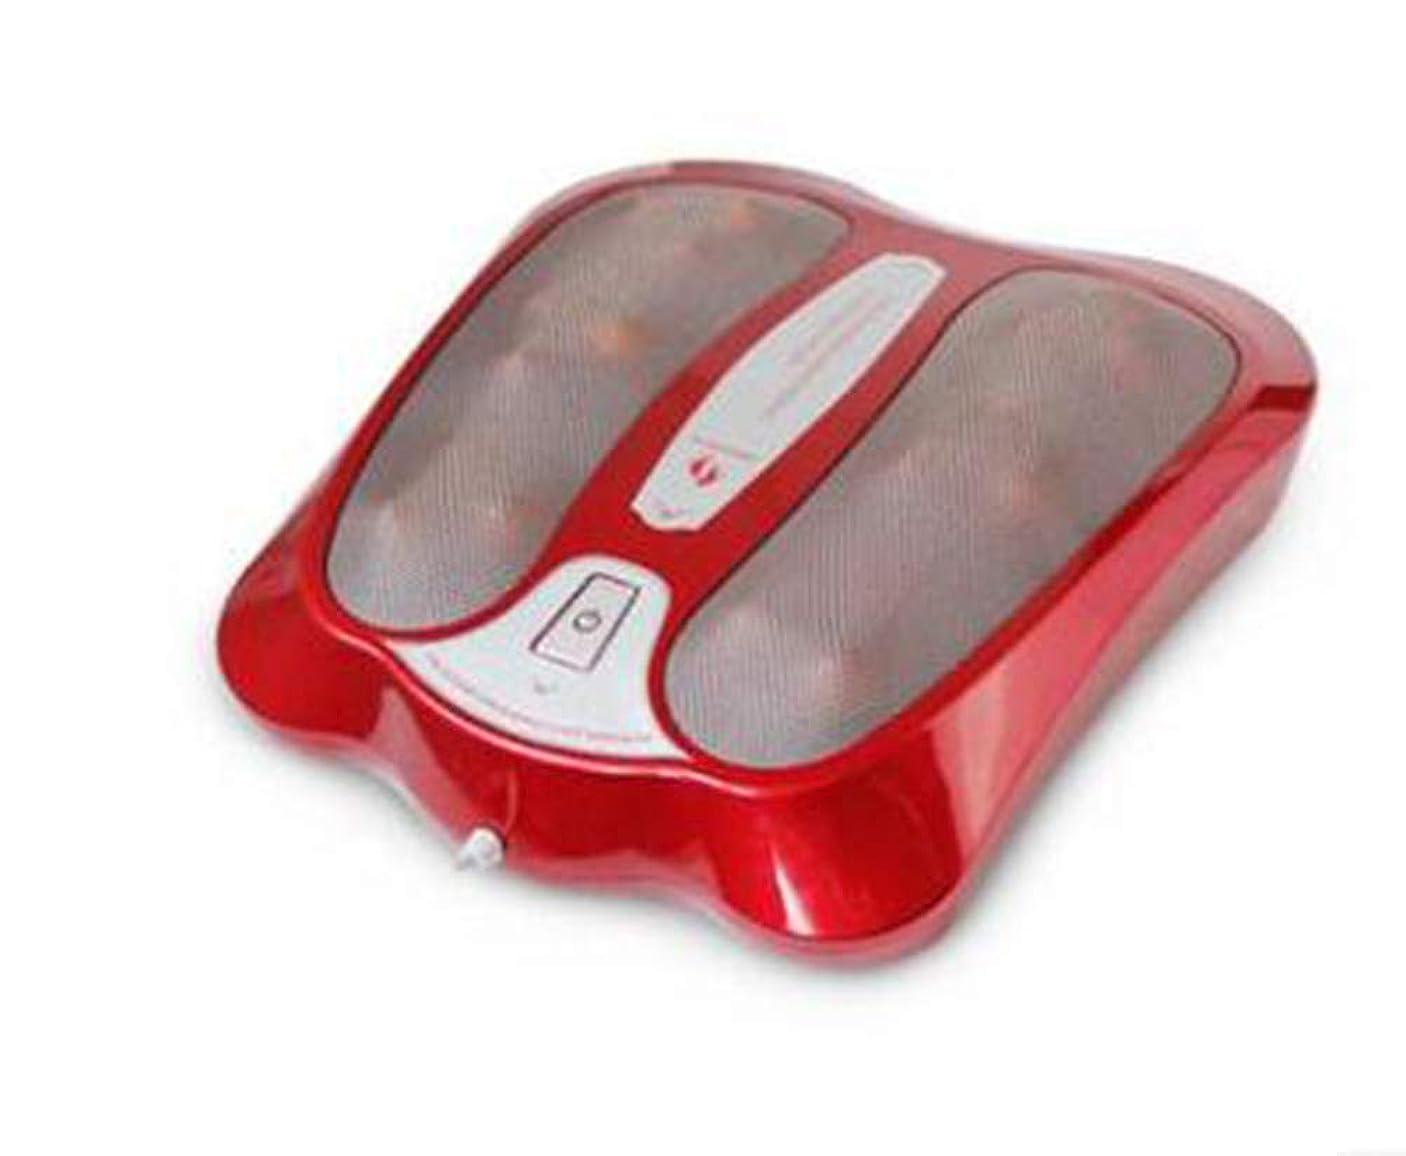 船外タイプライター不機嫌そうな遠赤外線フットマッサージャーフットマッサージ機は血液循環を改善し、痛みや痛みを和らげるのに役立ちます, Red